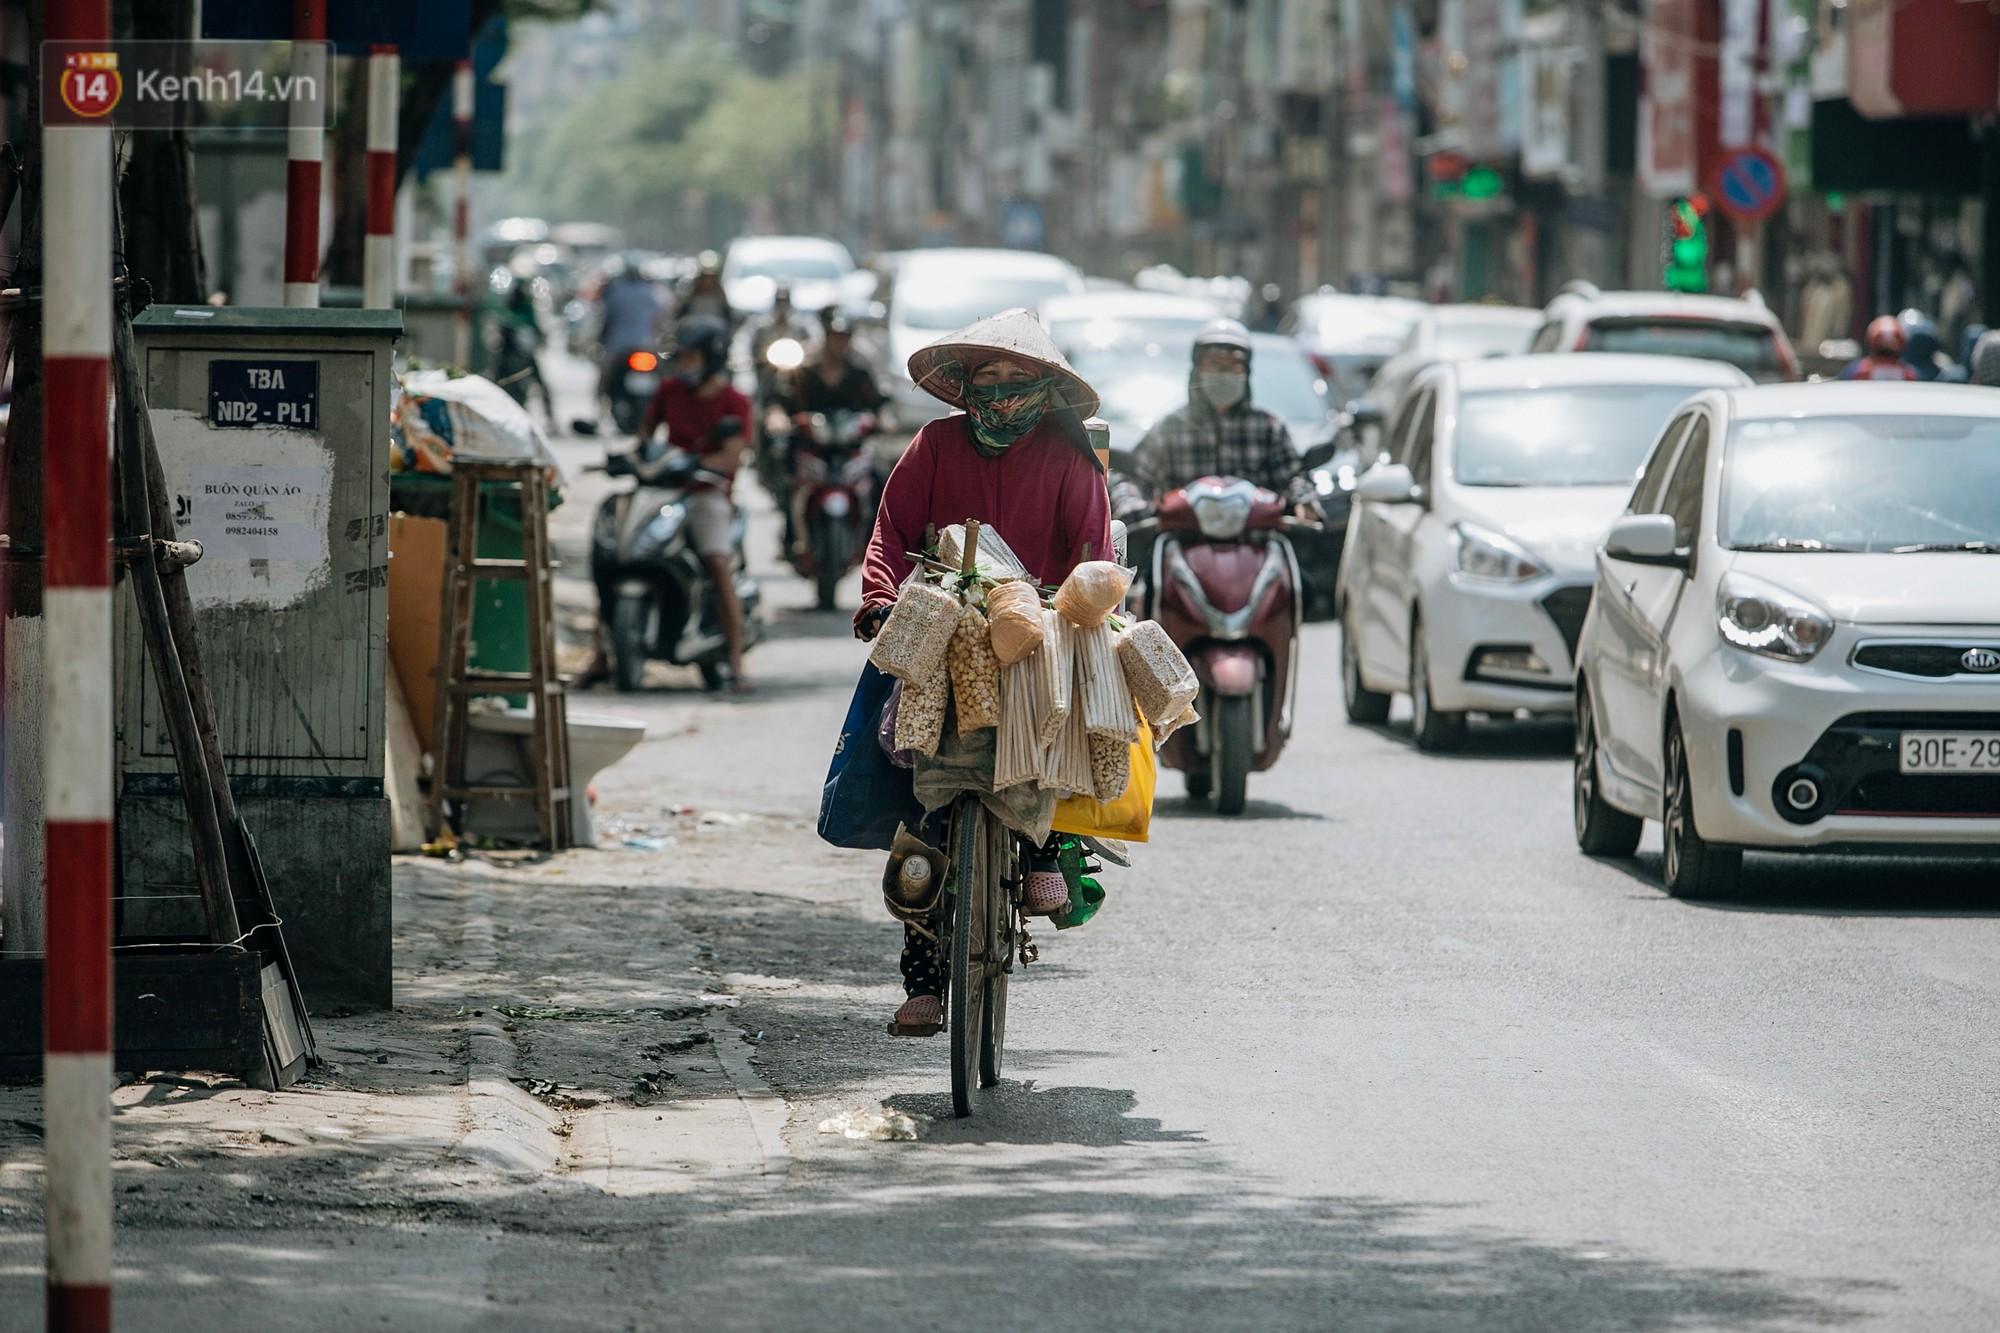 Người lao động ở Hà Nội vật vã chống chọi với nắng nóng trên 40 độ C, chỉ mong trời dịu mát phần nào - Ảnh 3.